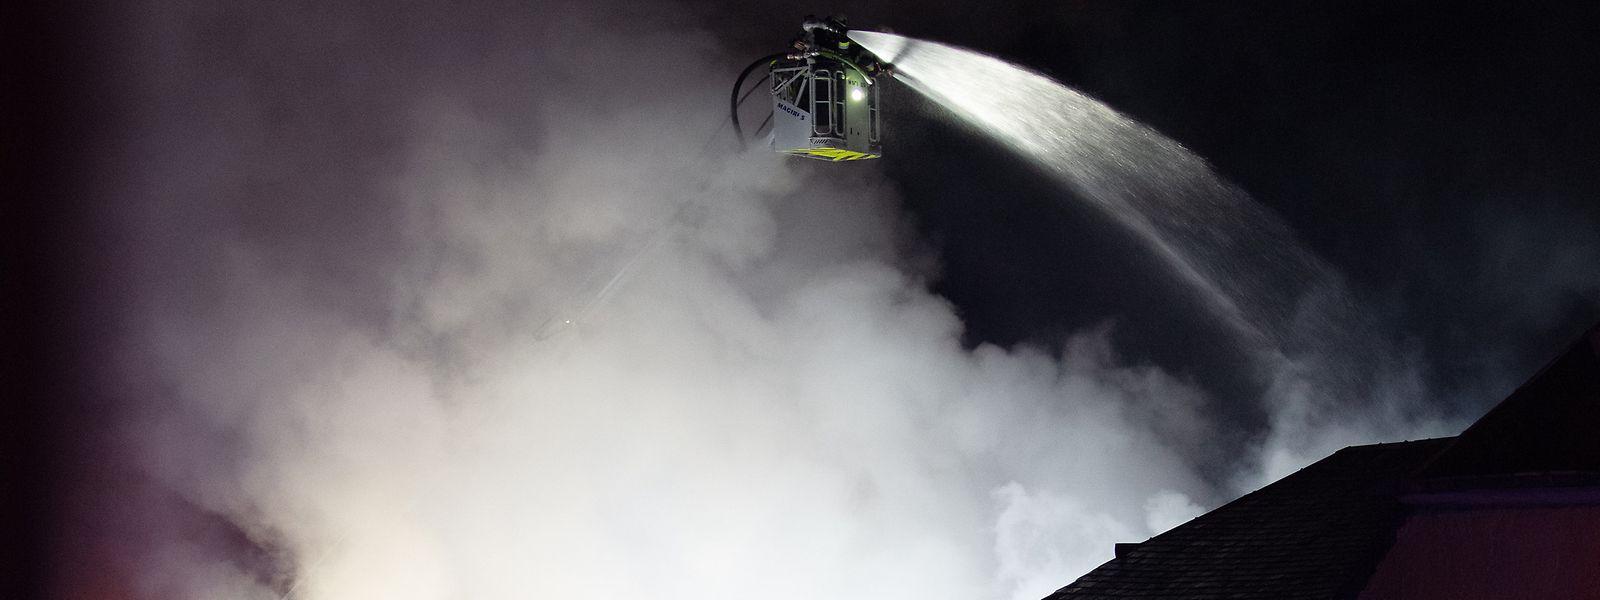 Ein Feuerwehrmann im Löscheinsatz auf einer Drehleiter.